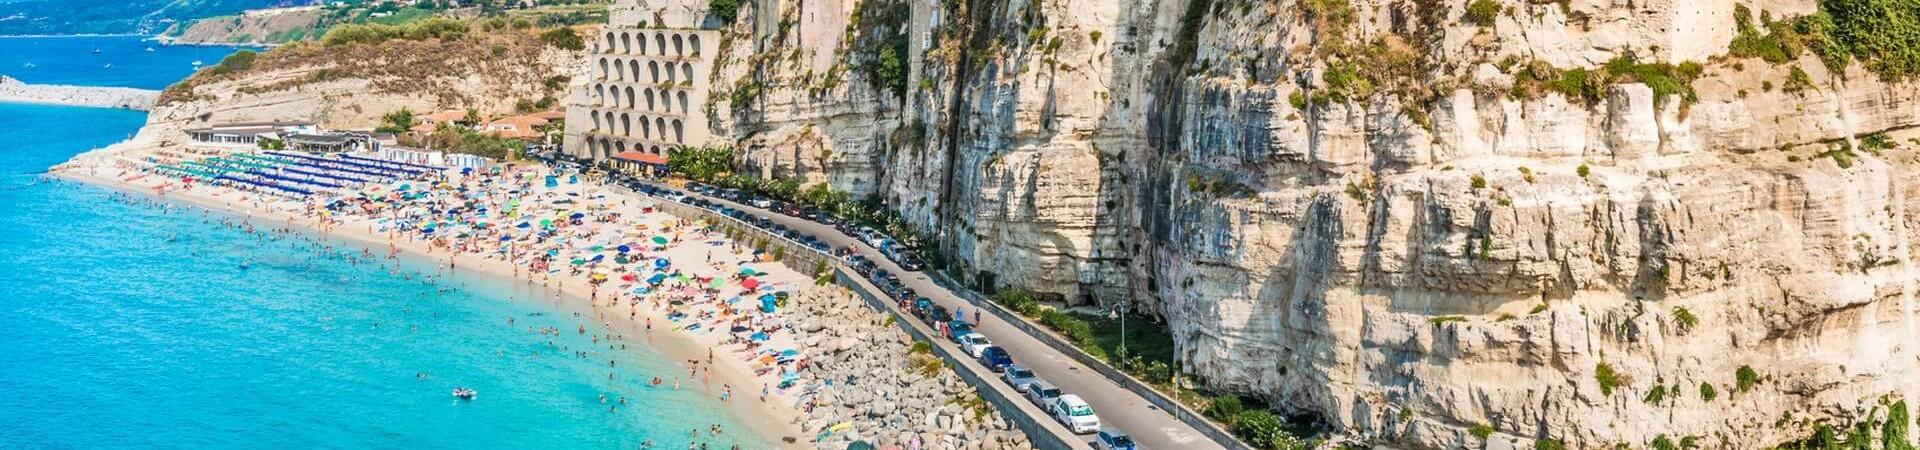 Tropea Włochy